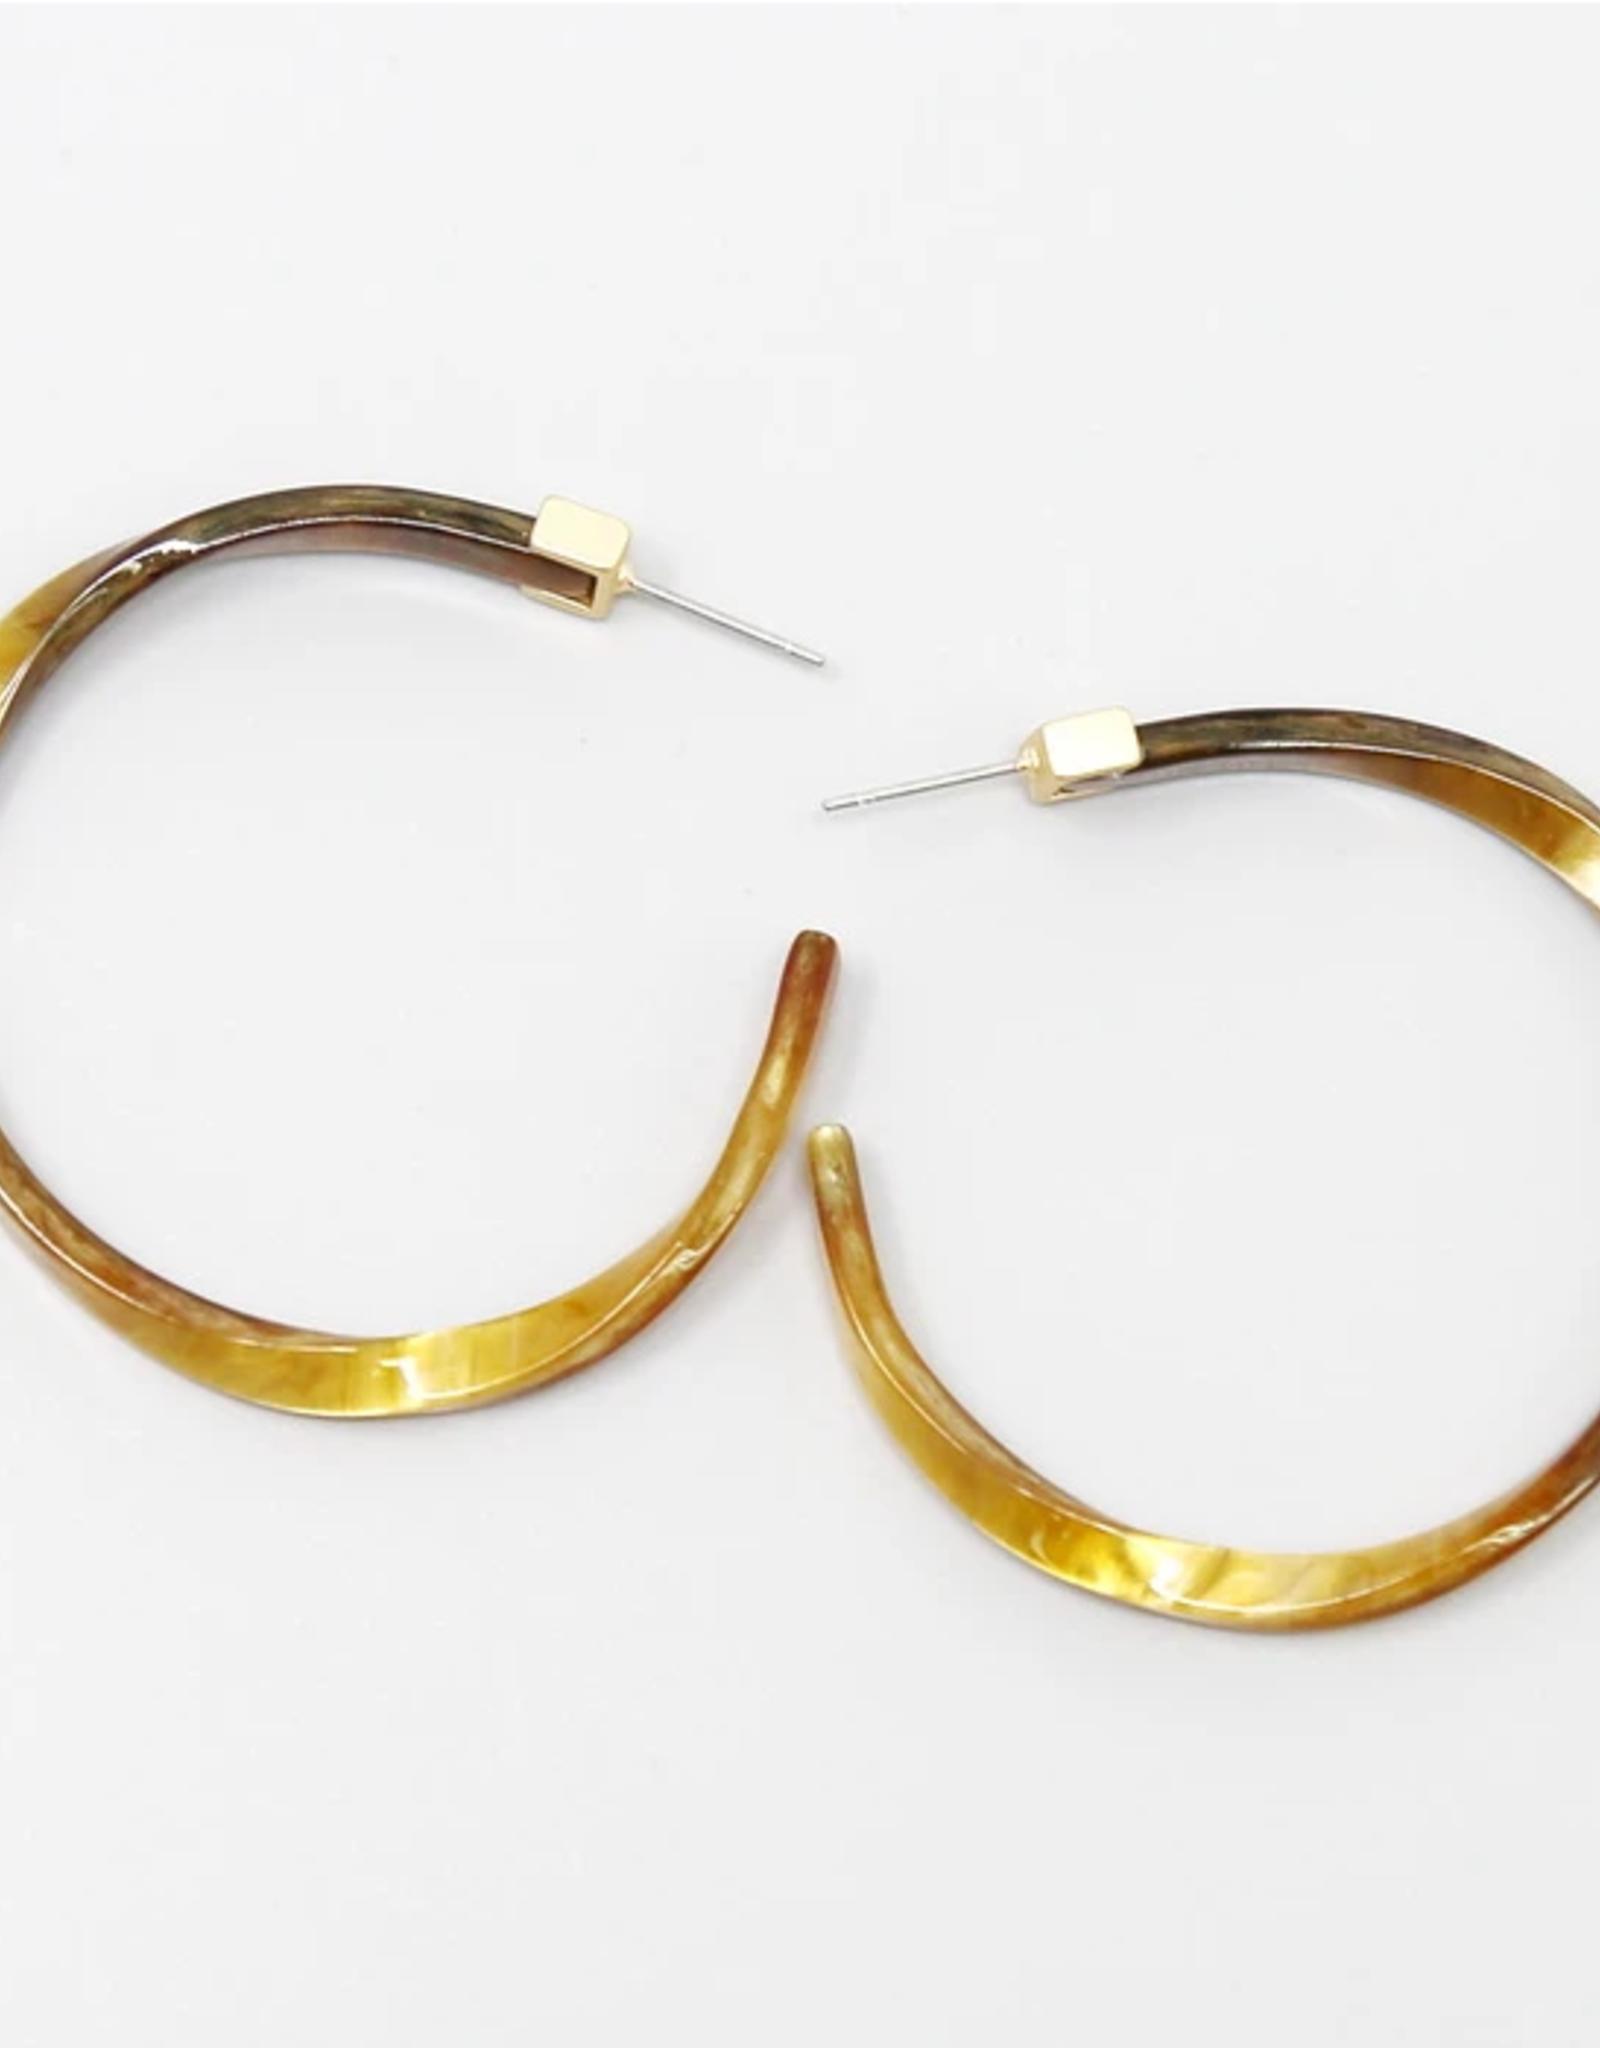 Blue Suede Jewels Twisted Acetate Hoop Earrings